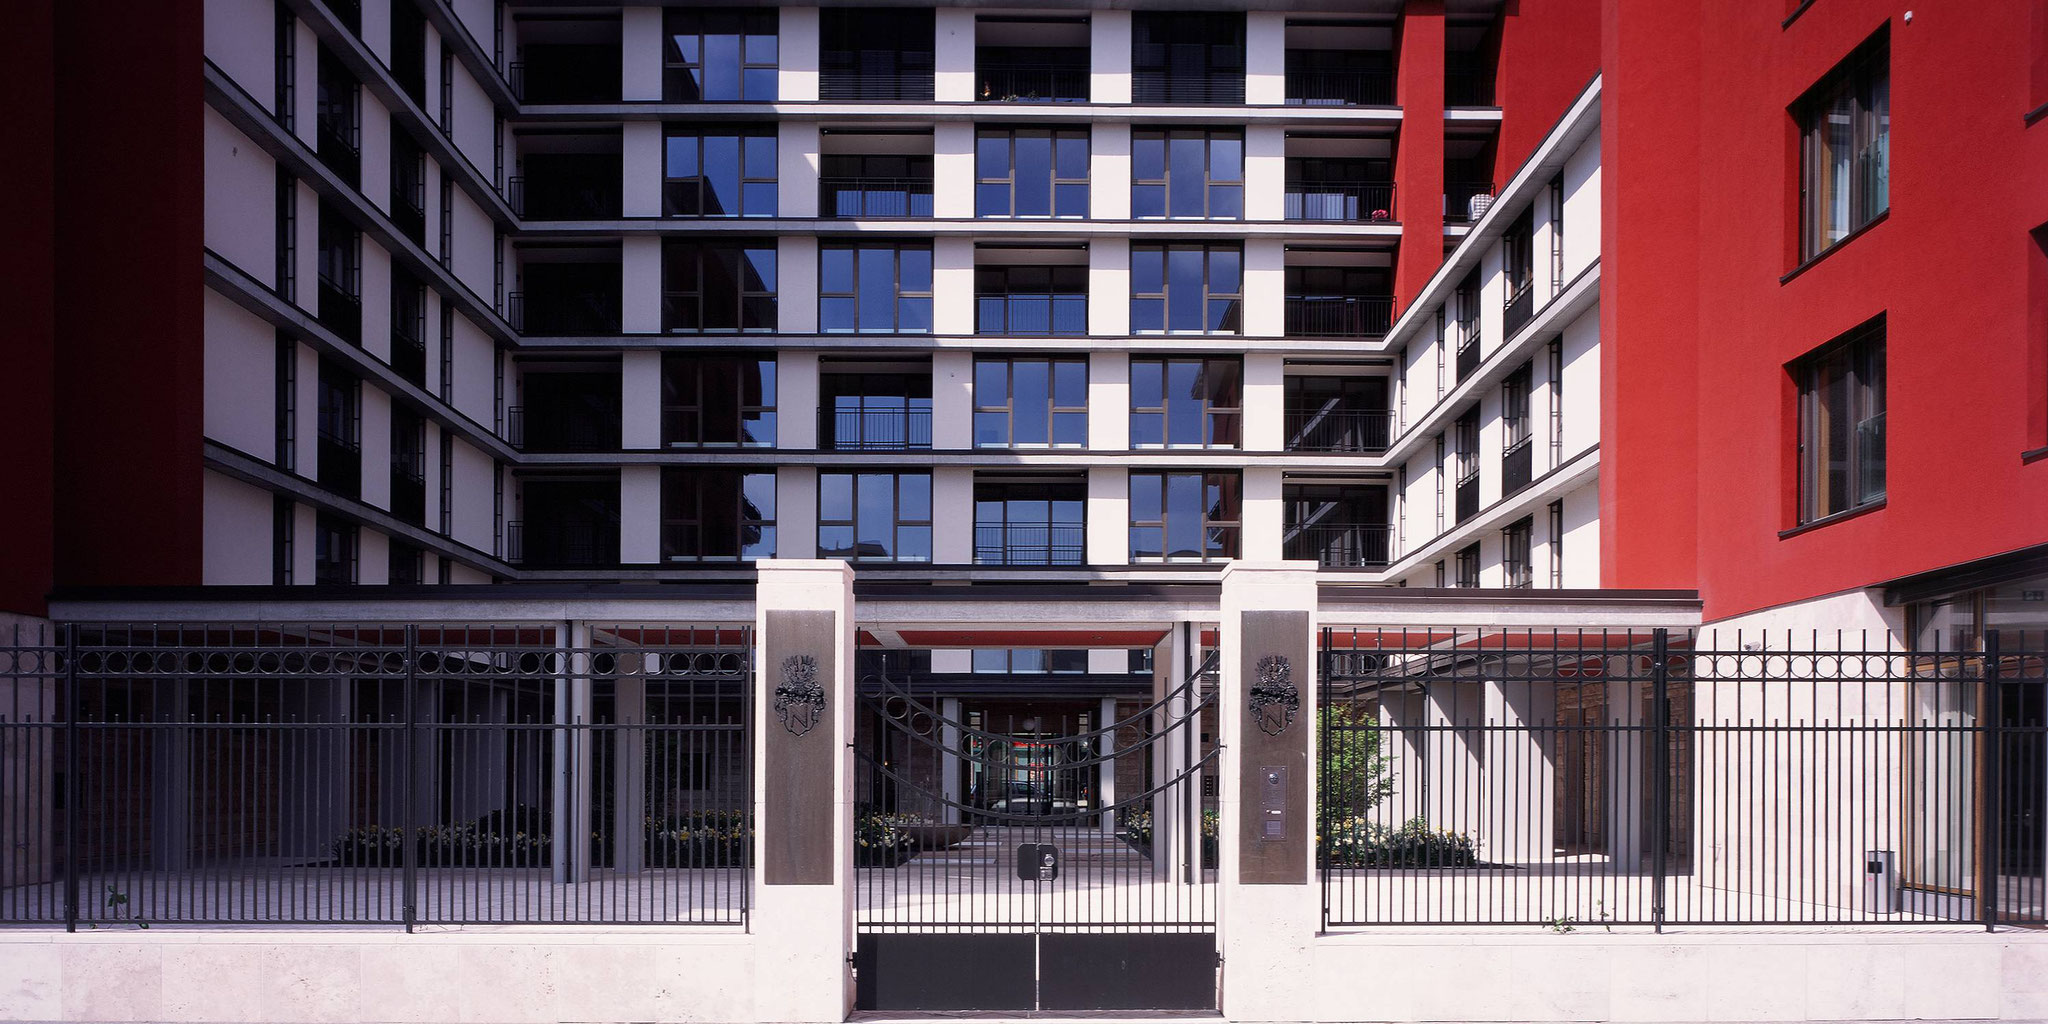 Architekten Frankfurt - Neubau Wohngebäude für Senioren, Cronstettenhaus in Frankfurt Westhafen, Architekturbüro Frick.Reichert Architekten